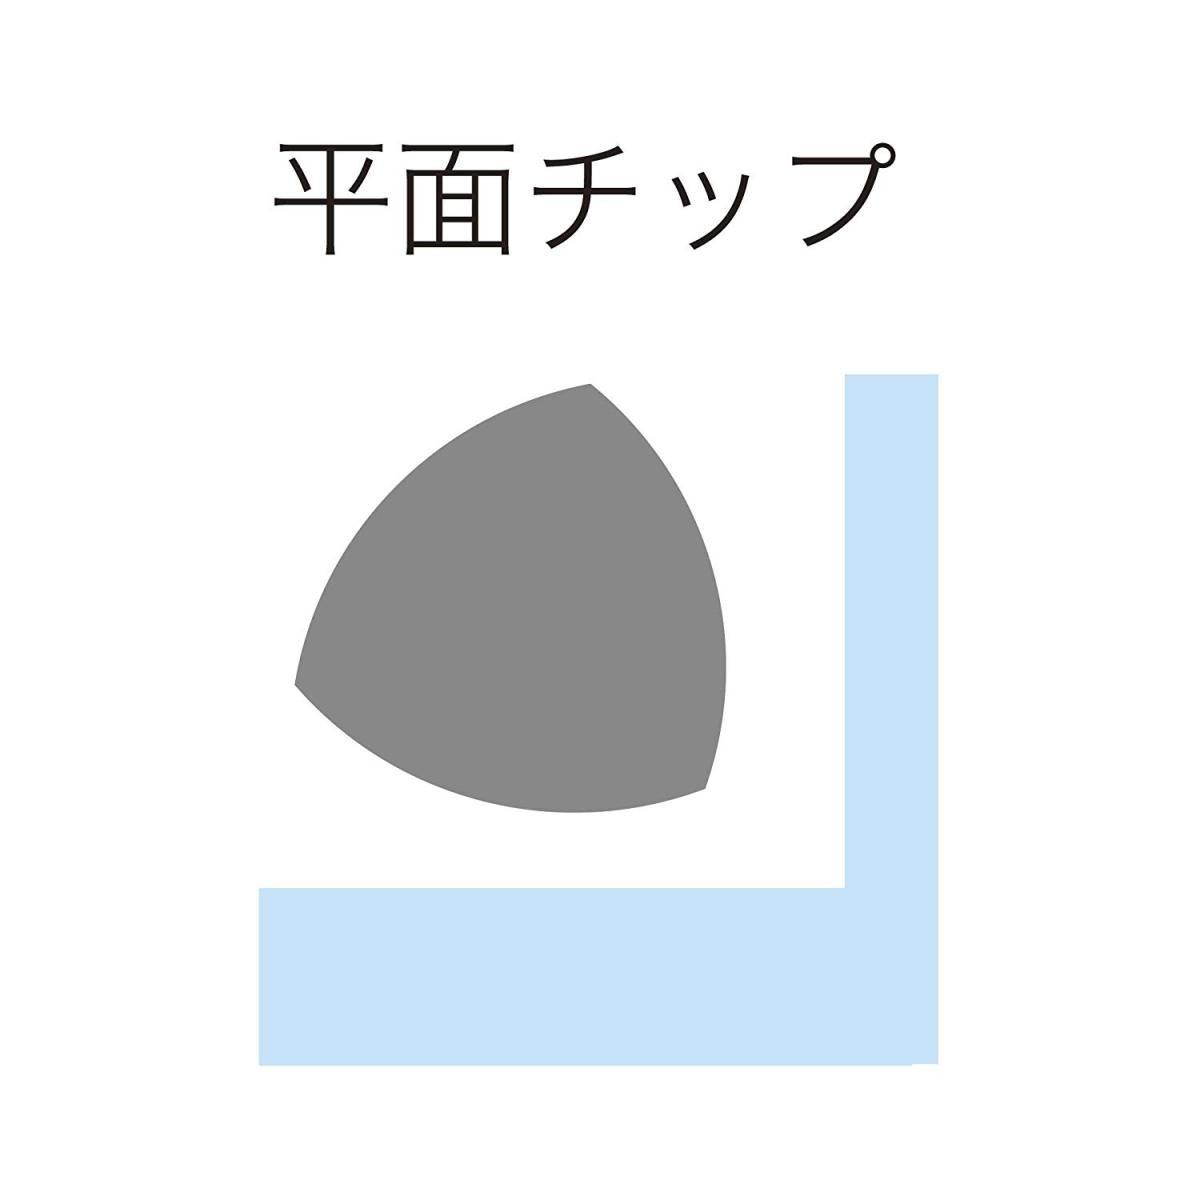 ハクバ レンズペン3 デジクリア KMC-LP13G(ガンメタリック)の商品画像|3